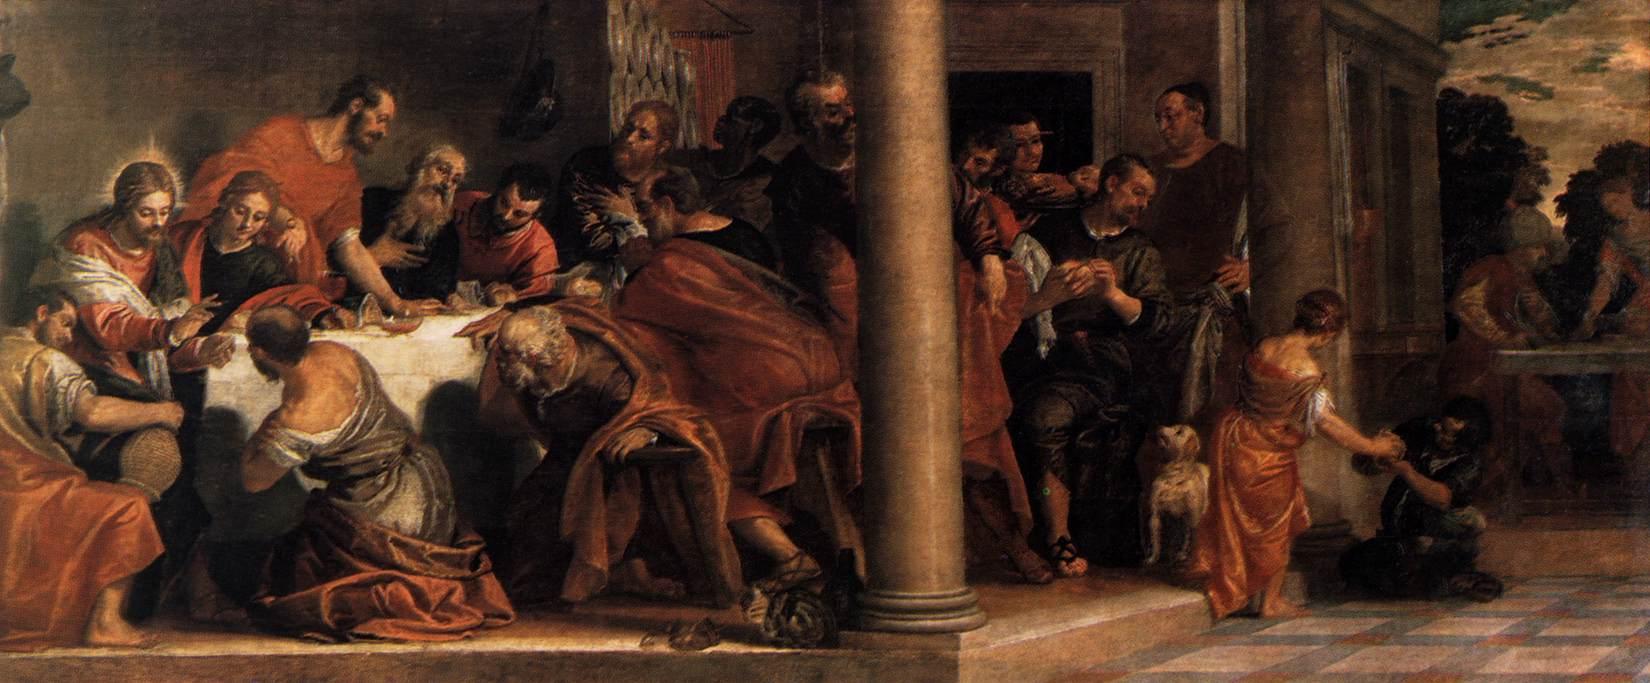 1585-veronese.jpg